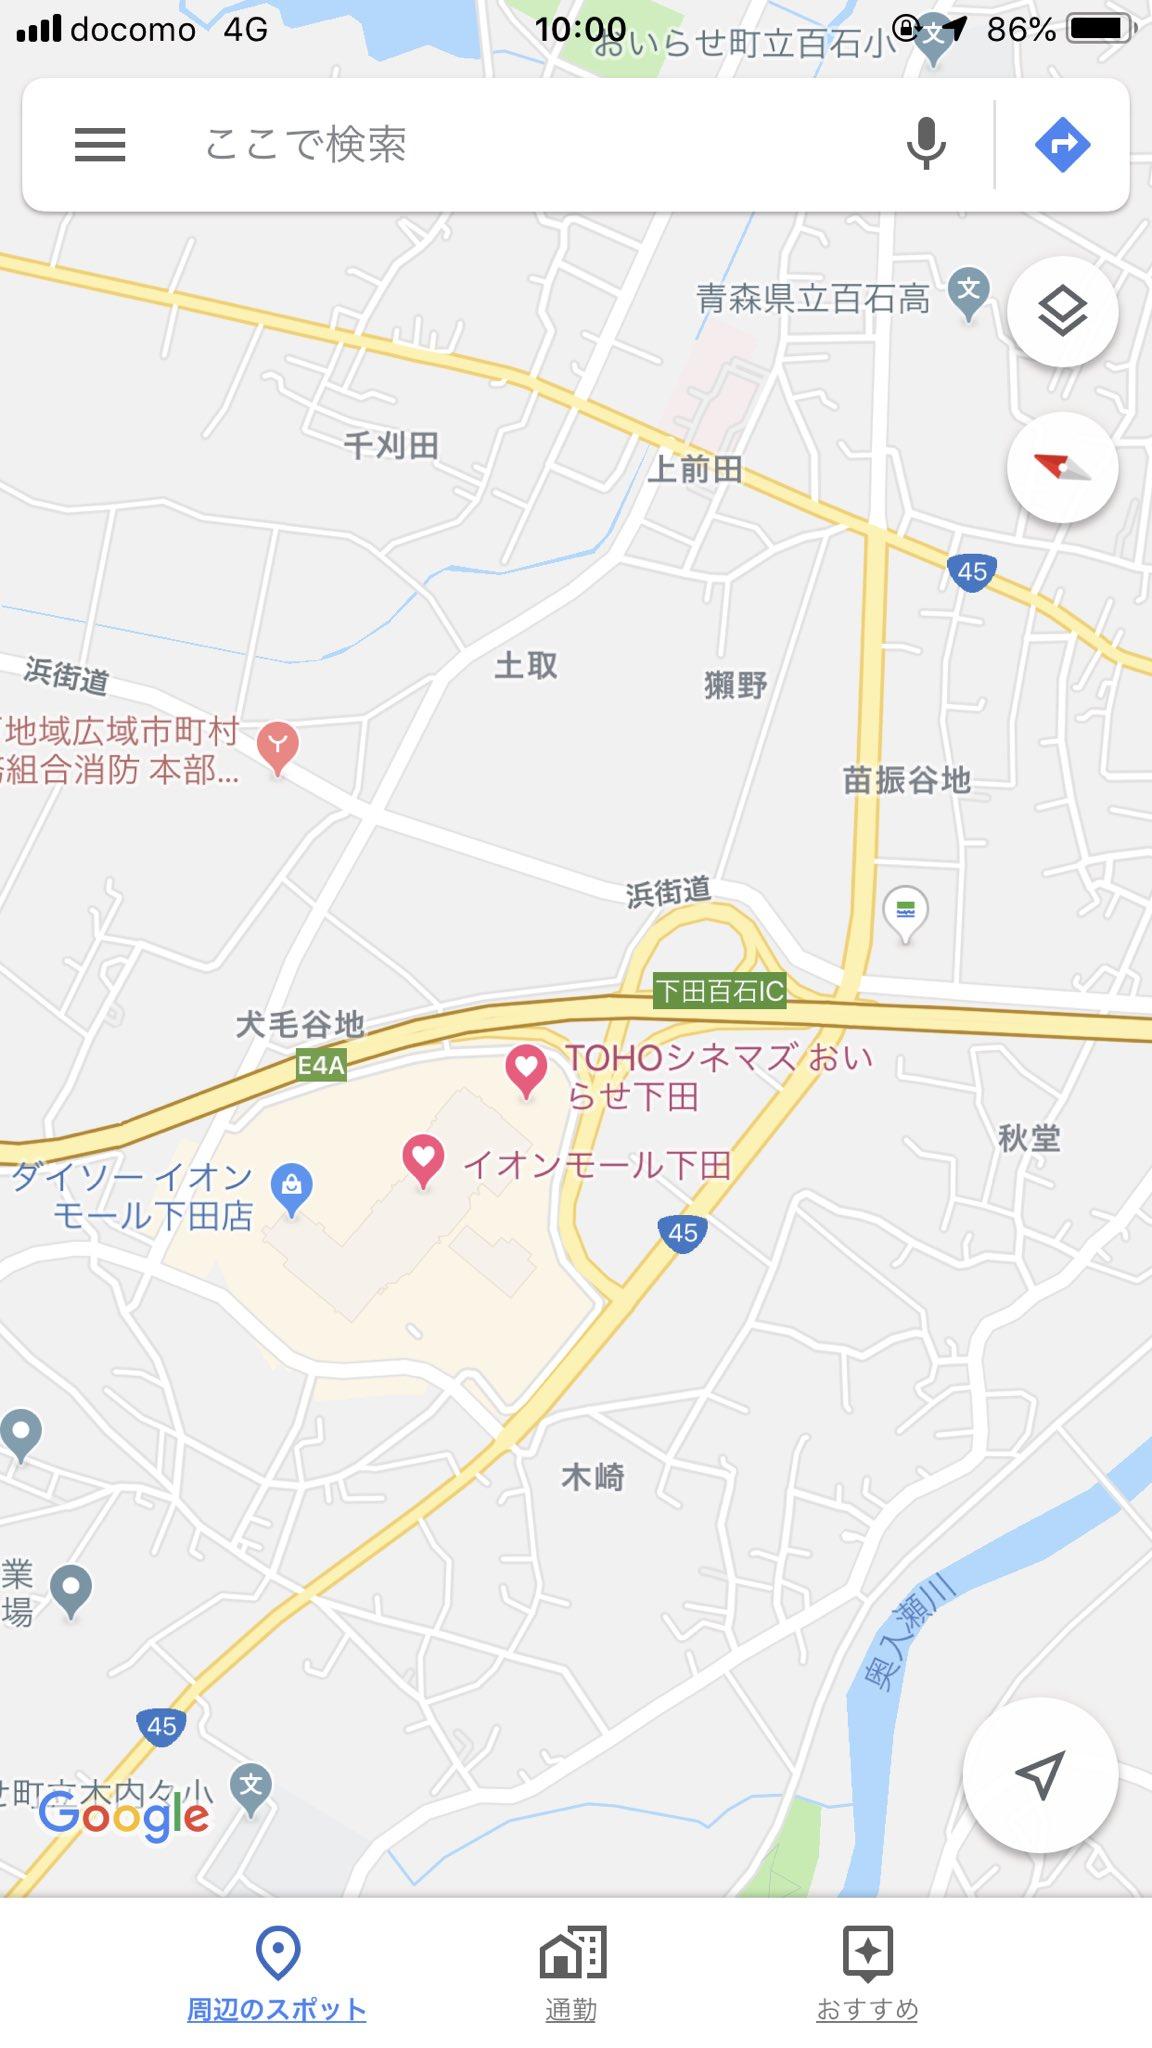 下田 映画 イオン